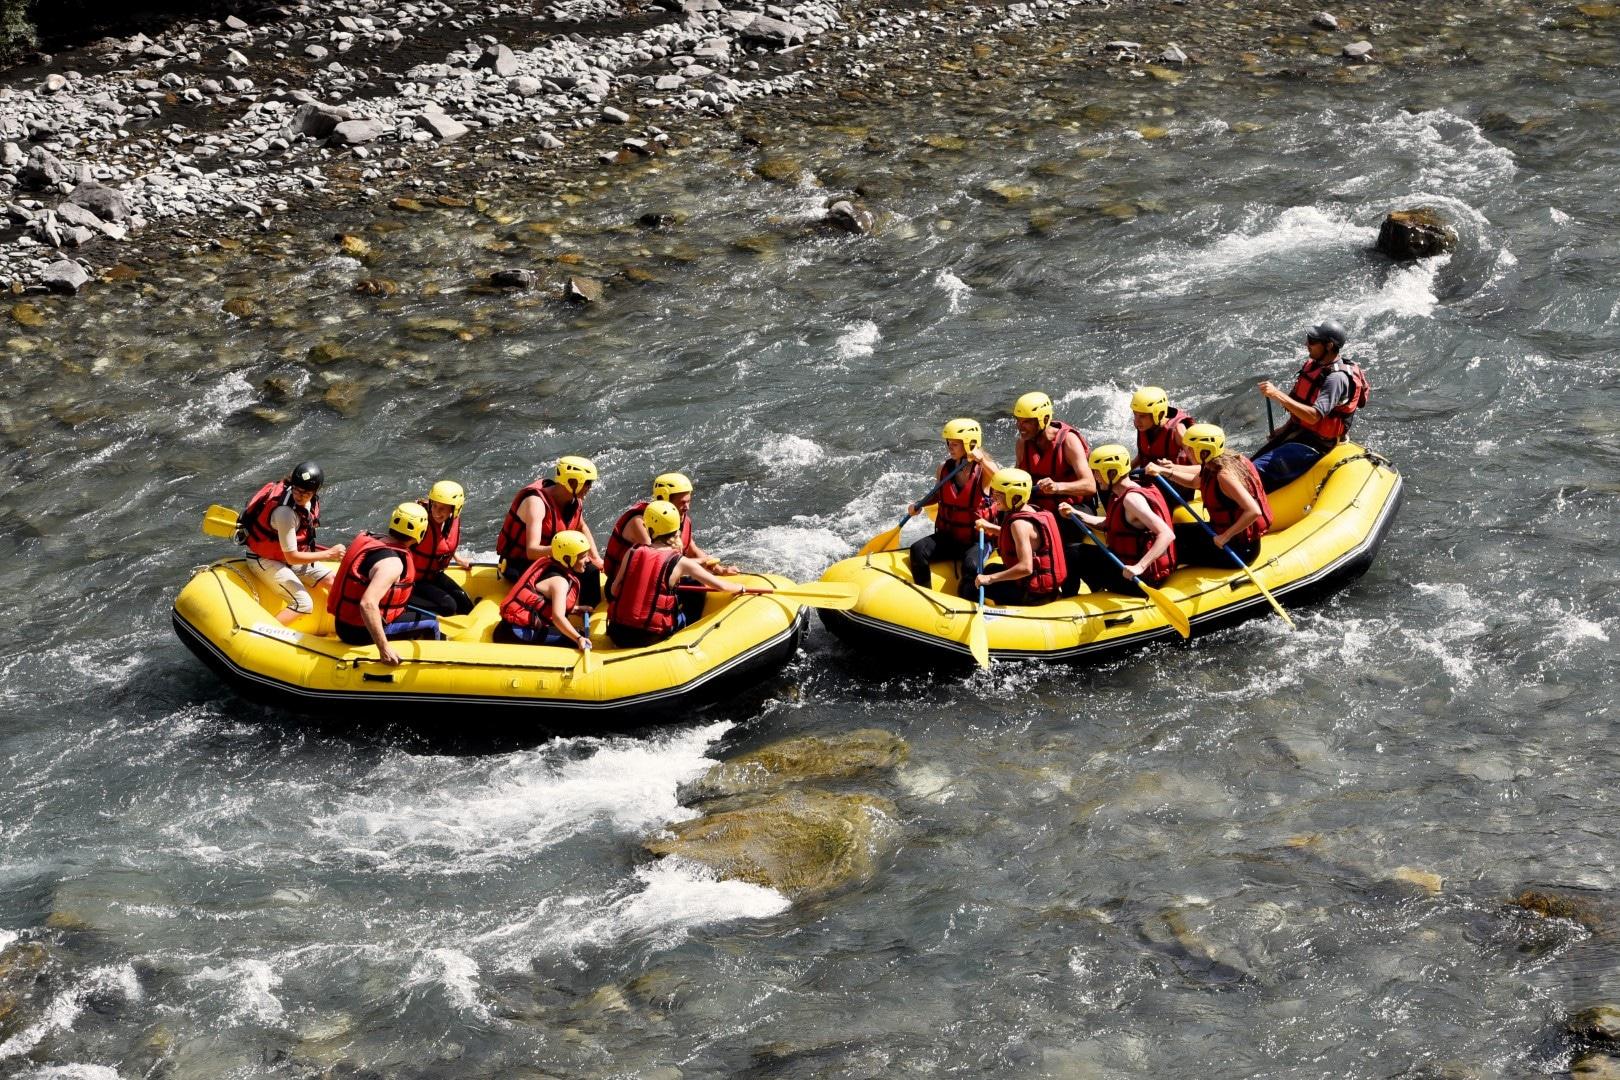 Rafting/hydrospeed